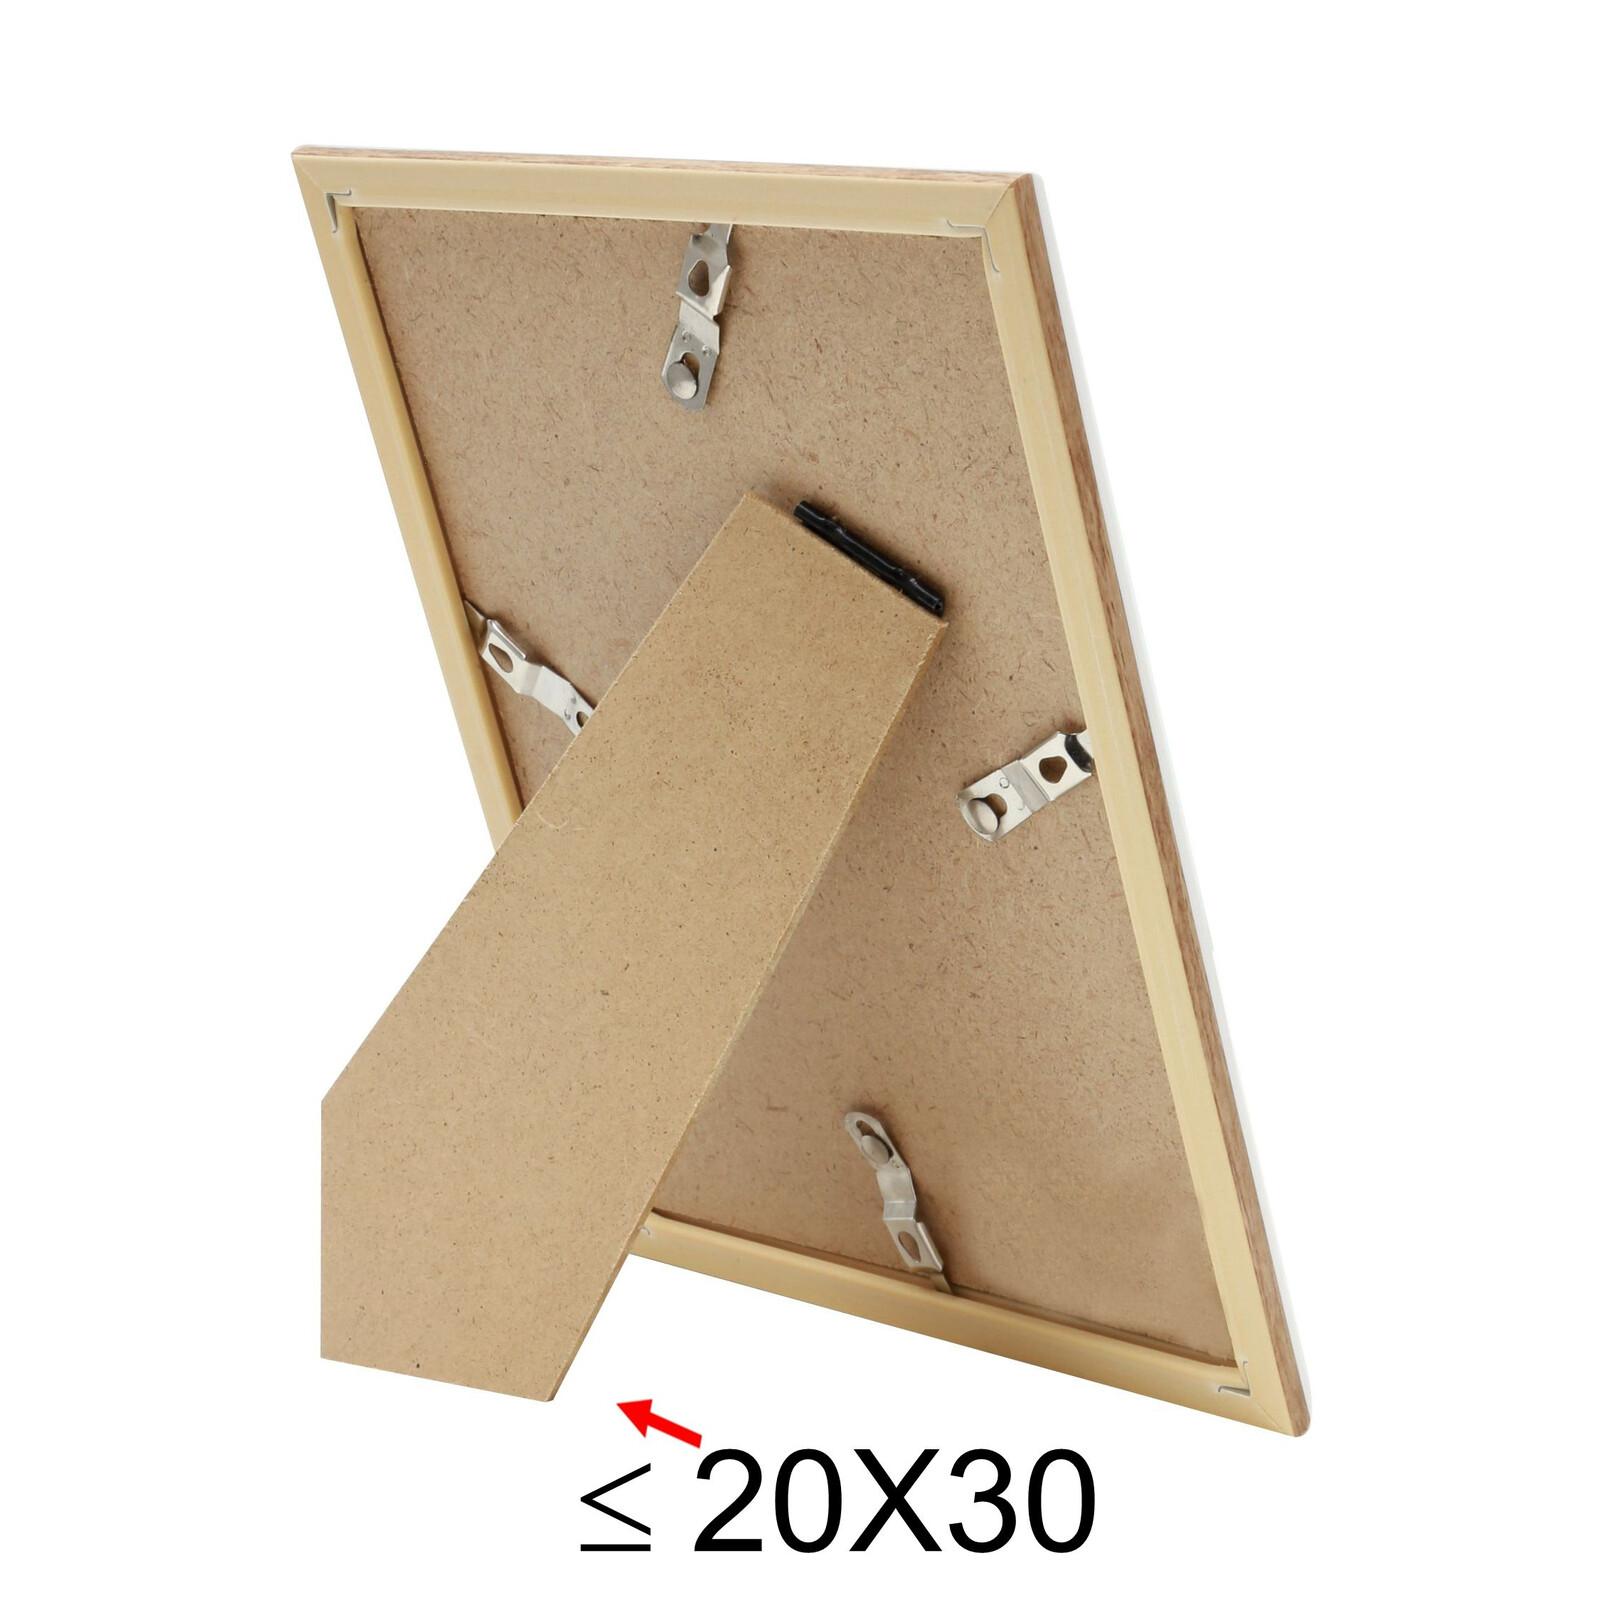 Deknudt S46WG4P1 13x18 Kunststoff Holzoptik natur